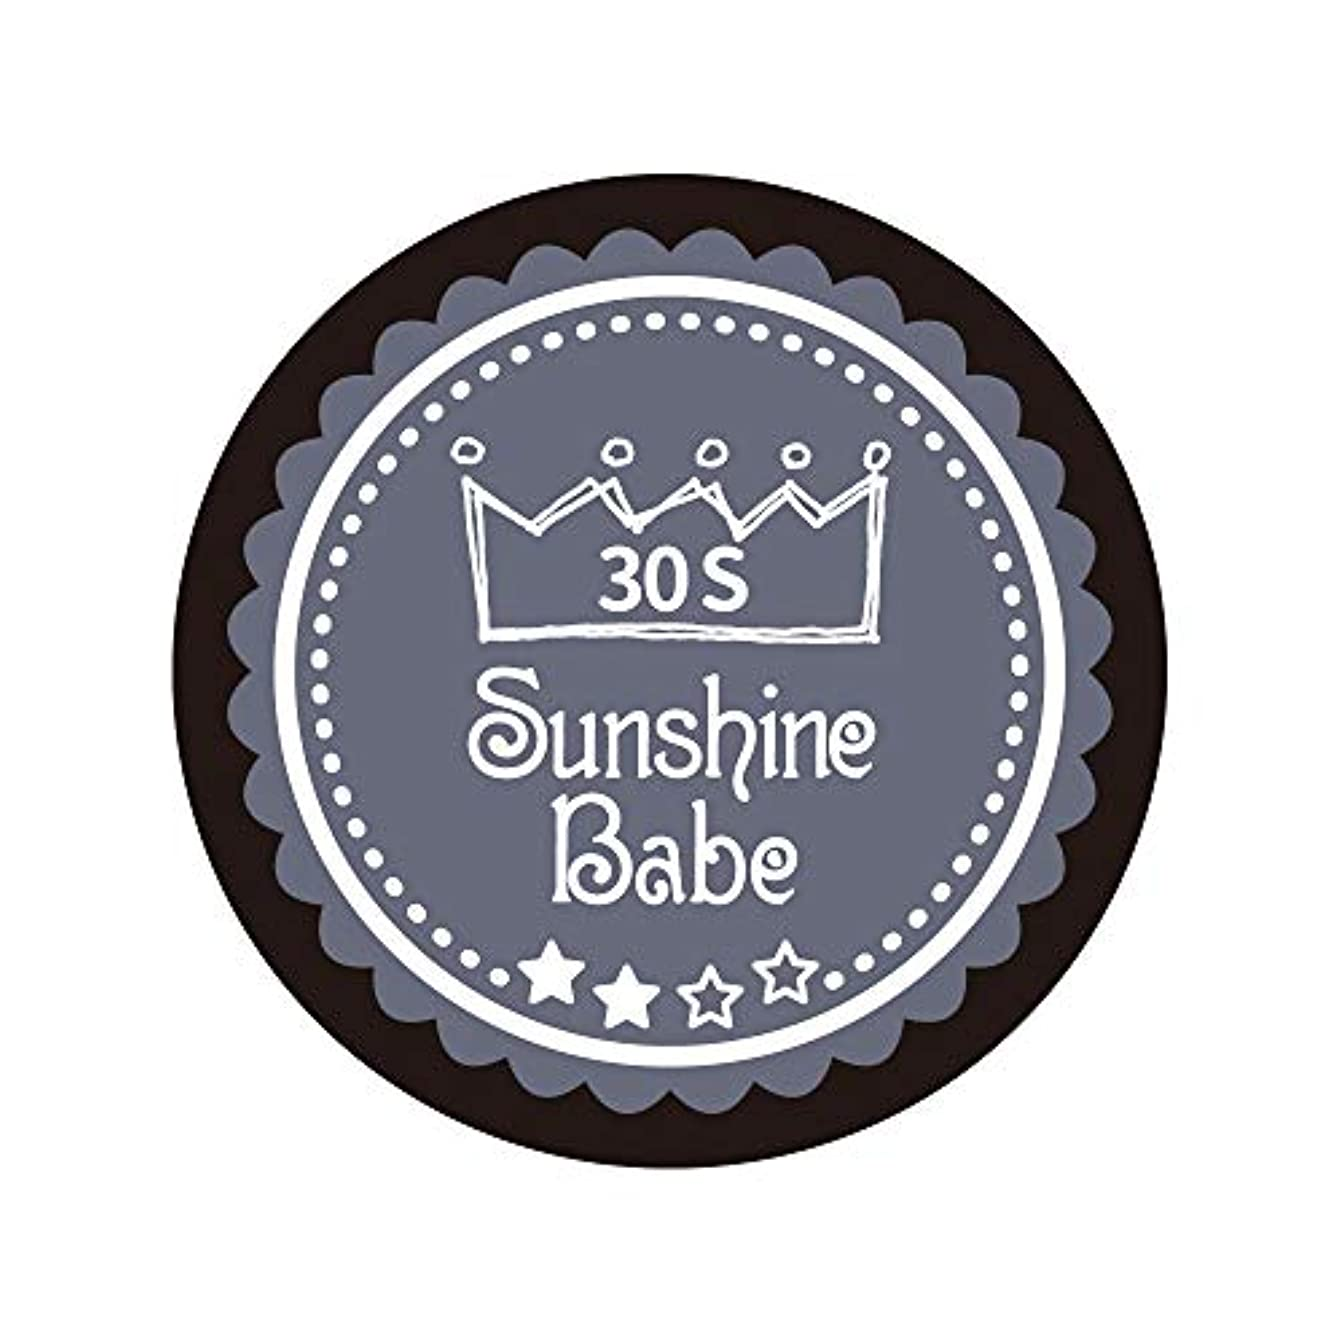 両方適応するアテンダントSunshine Babe カラージェル 30S チャコールグレー 2.7g UV/LED対応